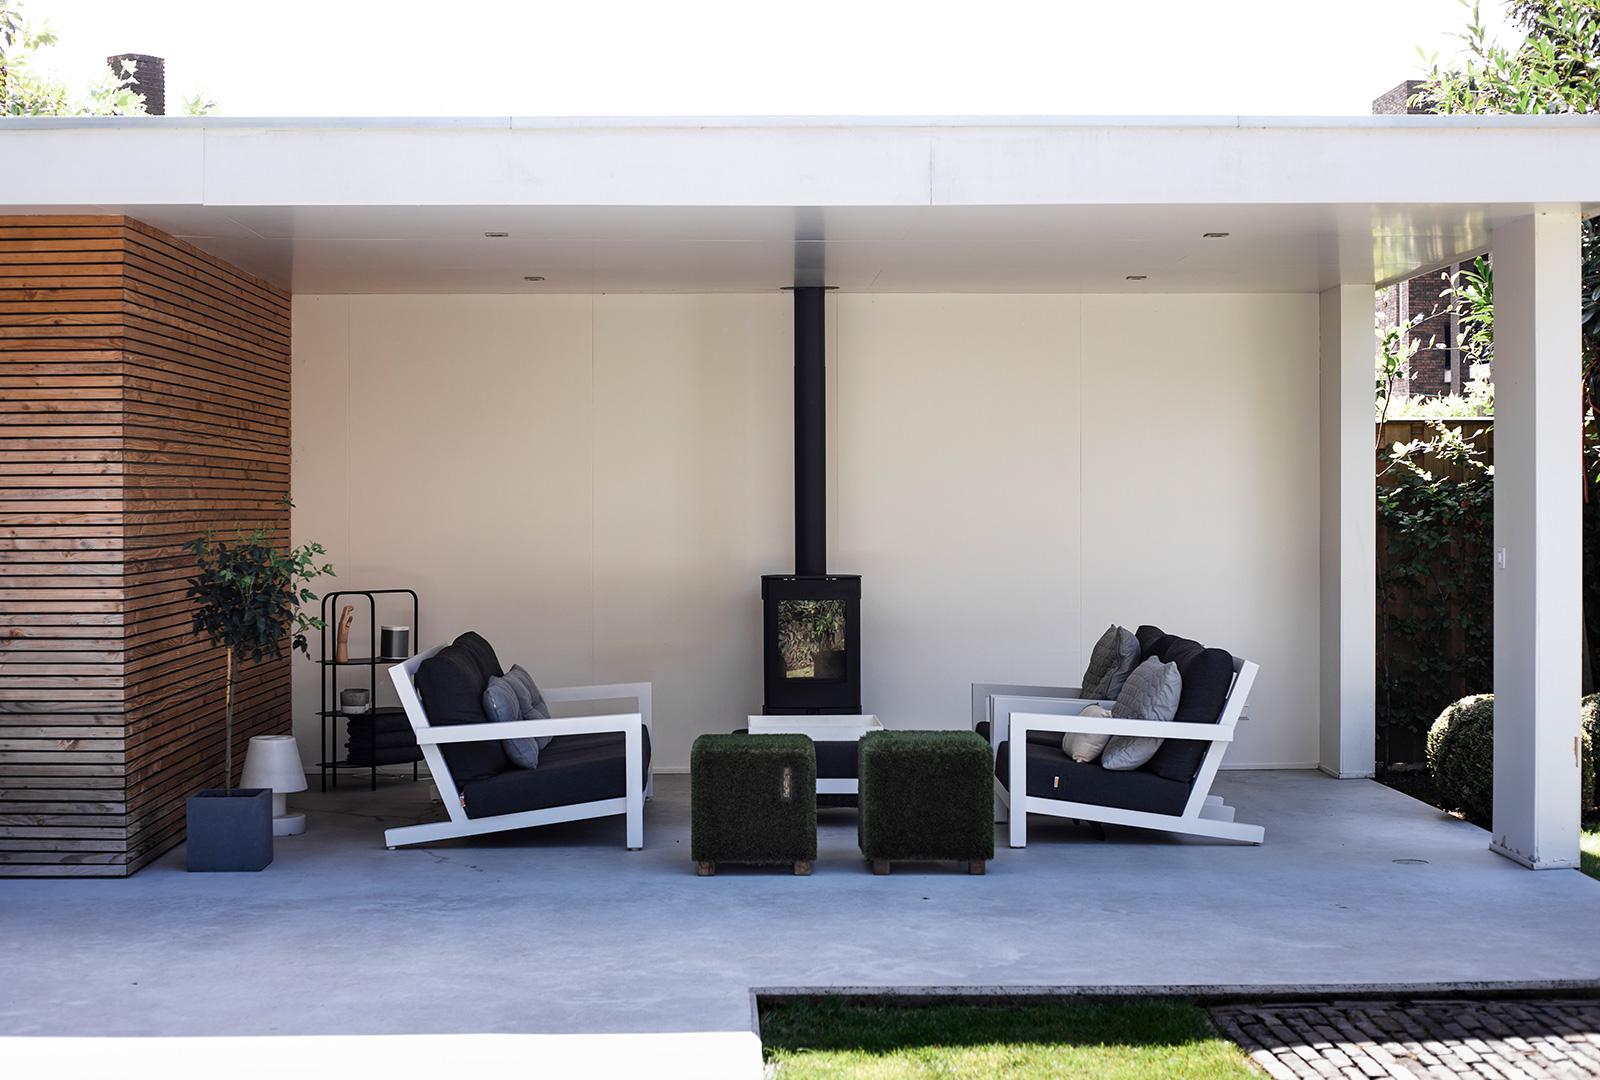 Molengraaf-tuinen-zevenbergen-ontwerp-realisatie-8